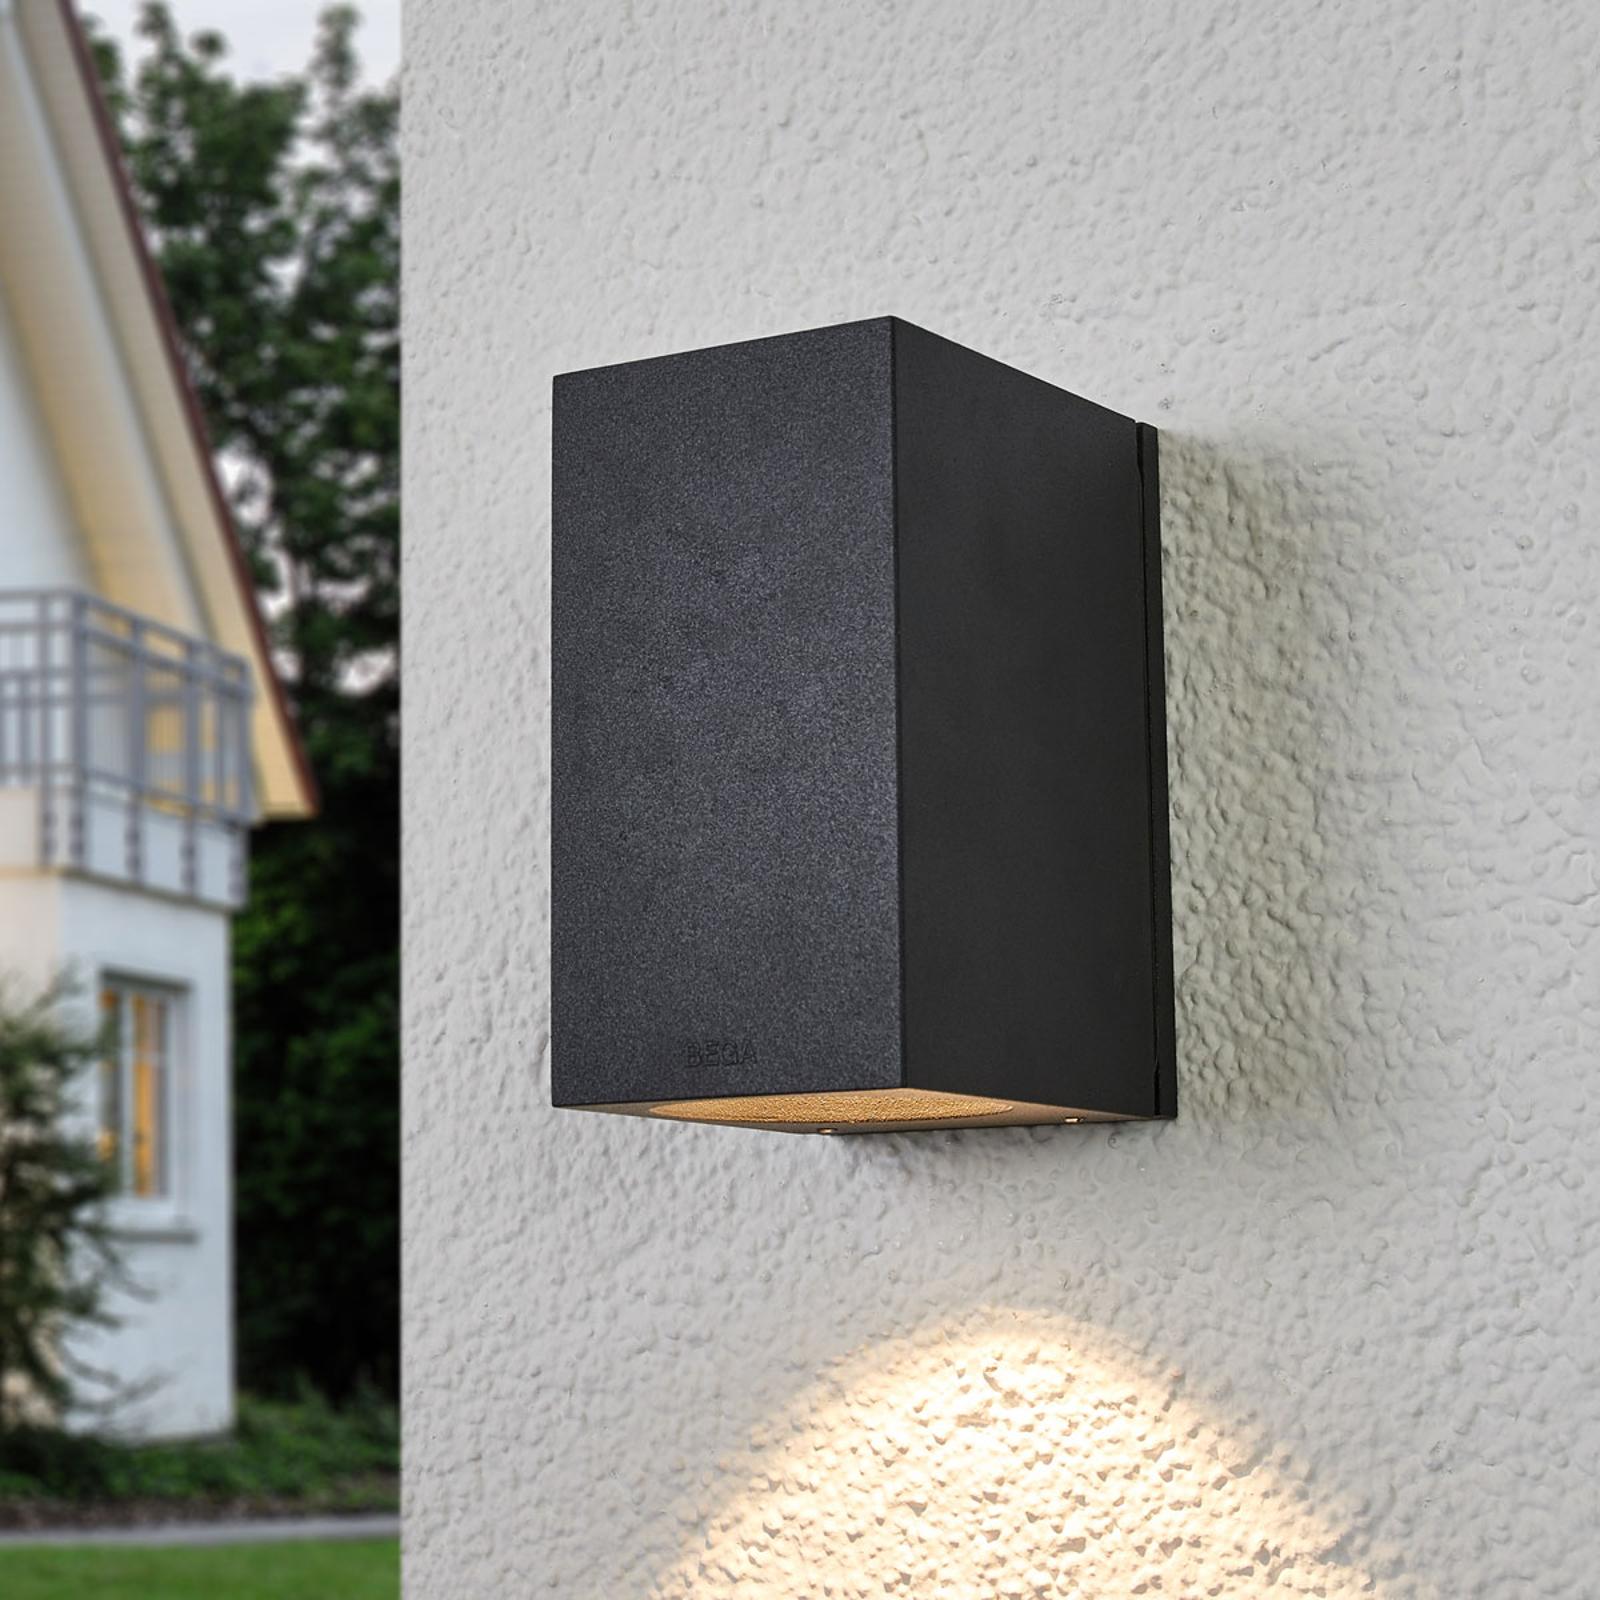 BEGA 33579K3 wall lamp graphite 3,000 K 1-sided_1566022_1